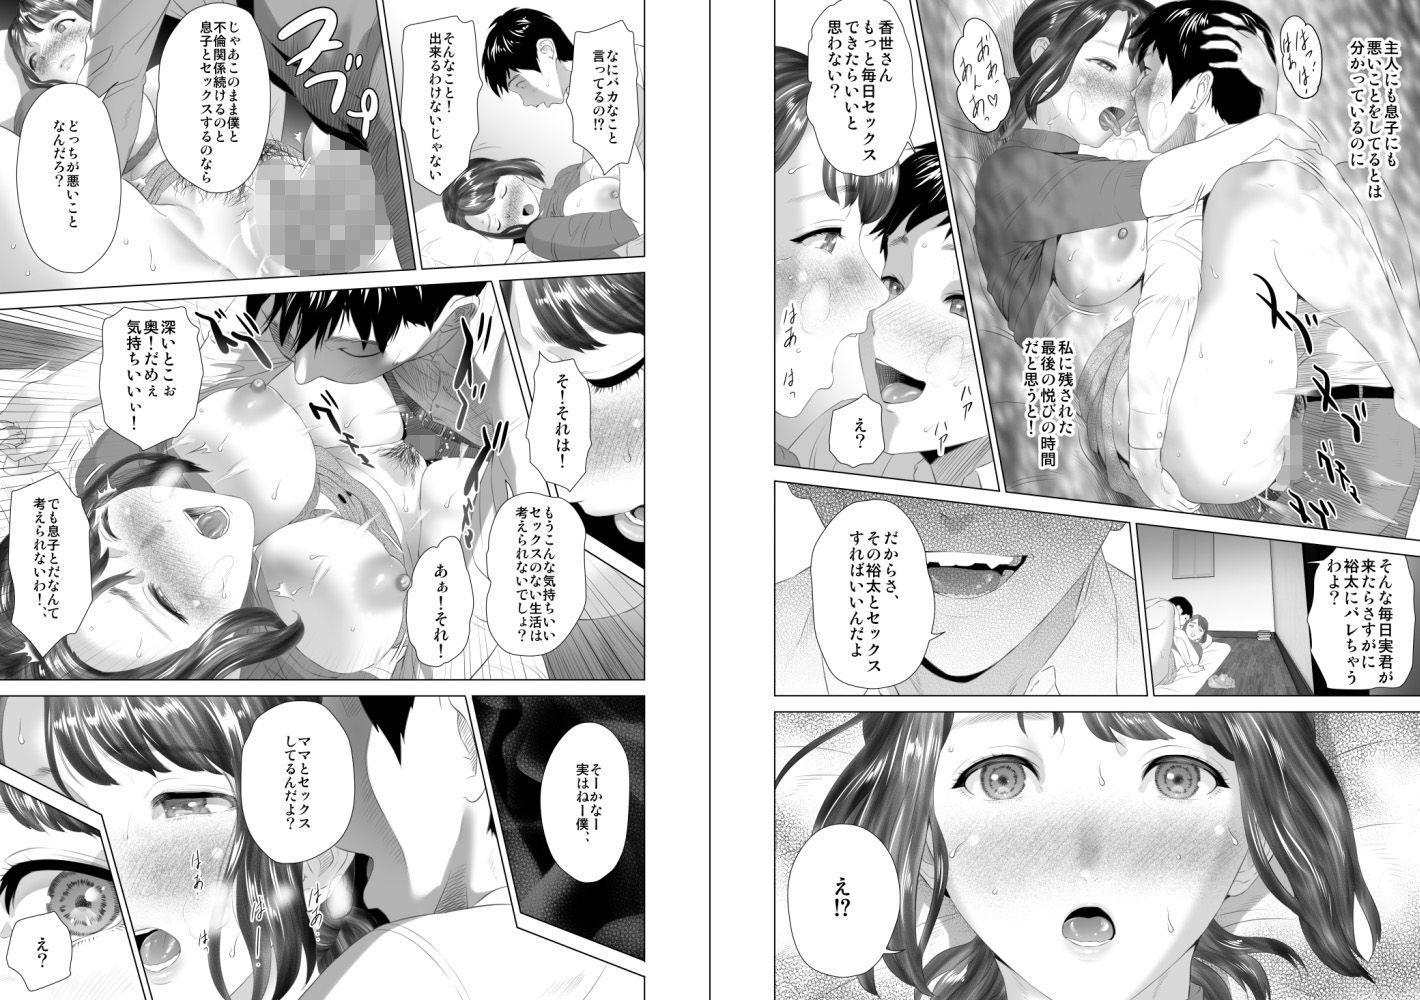 同人ガール:[同人]「【無料】近女誘惑 第三弾 <友達のお母さん編> 中編 冒頭20p」(灰同)